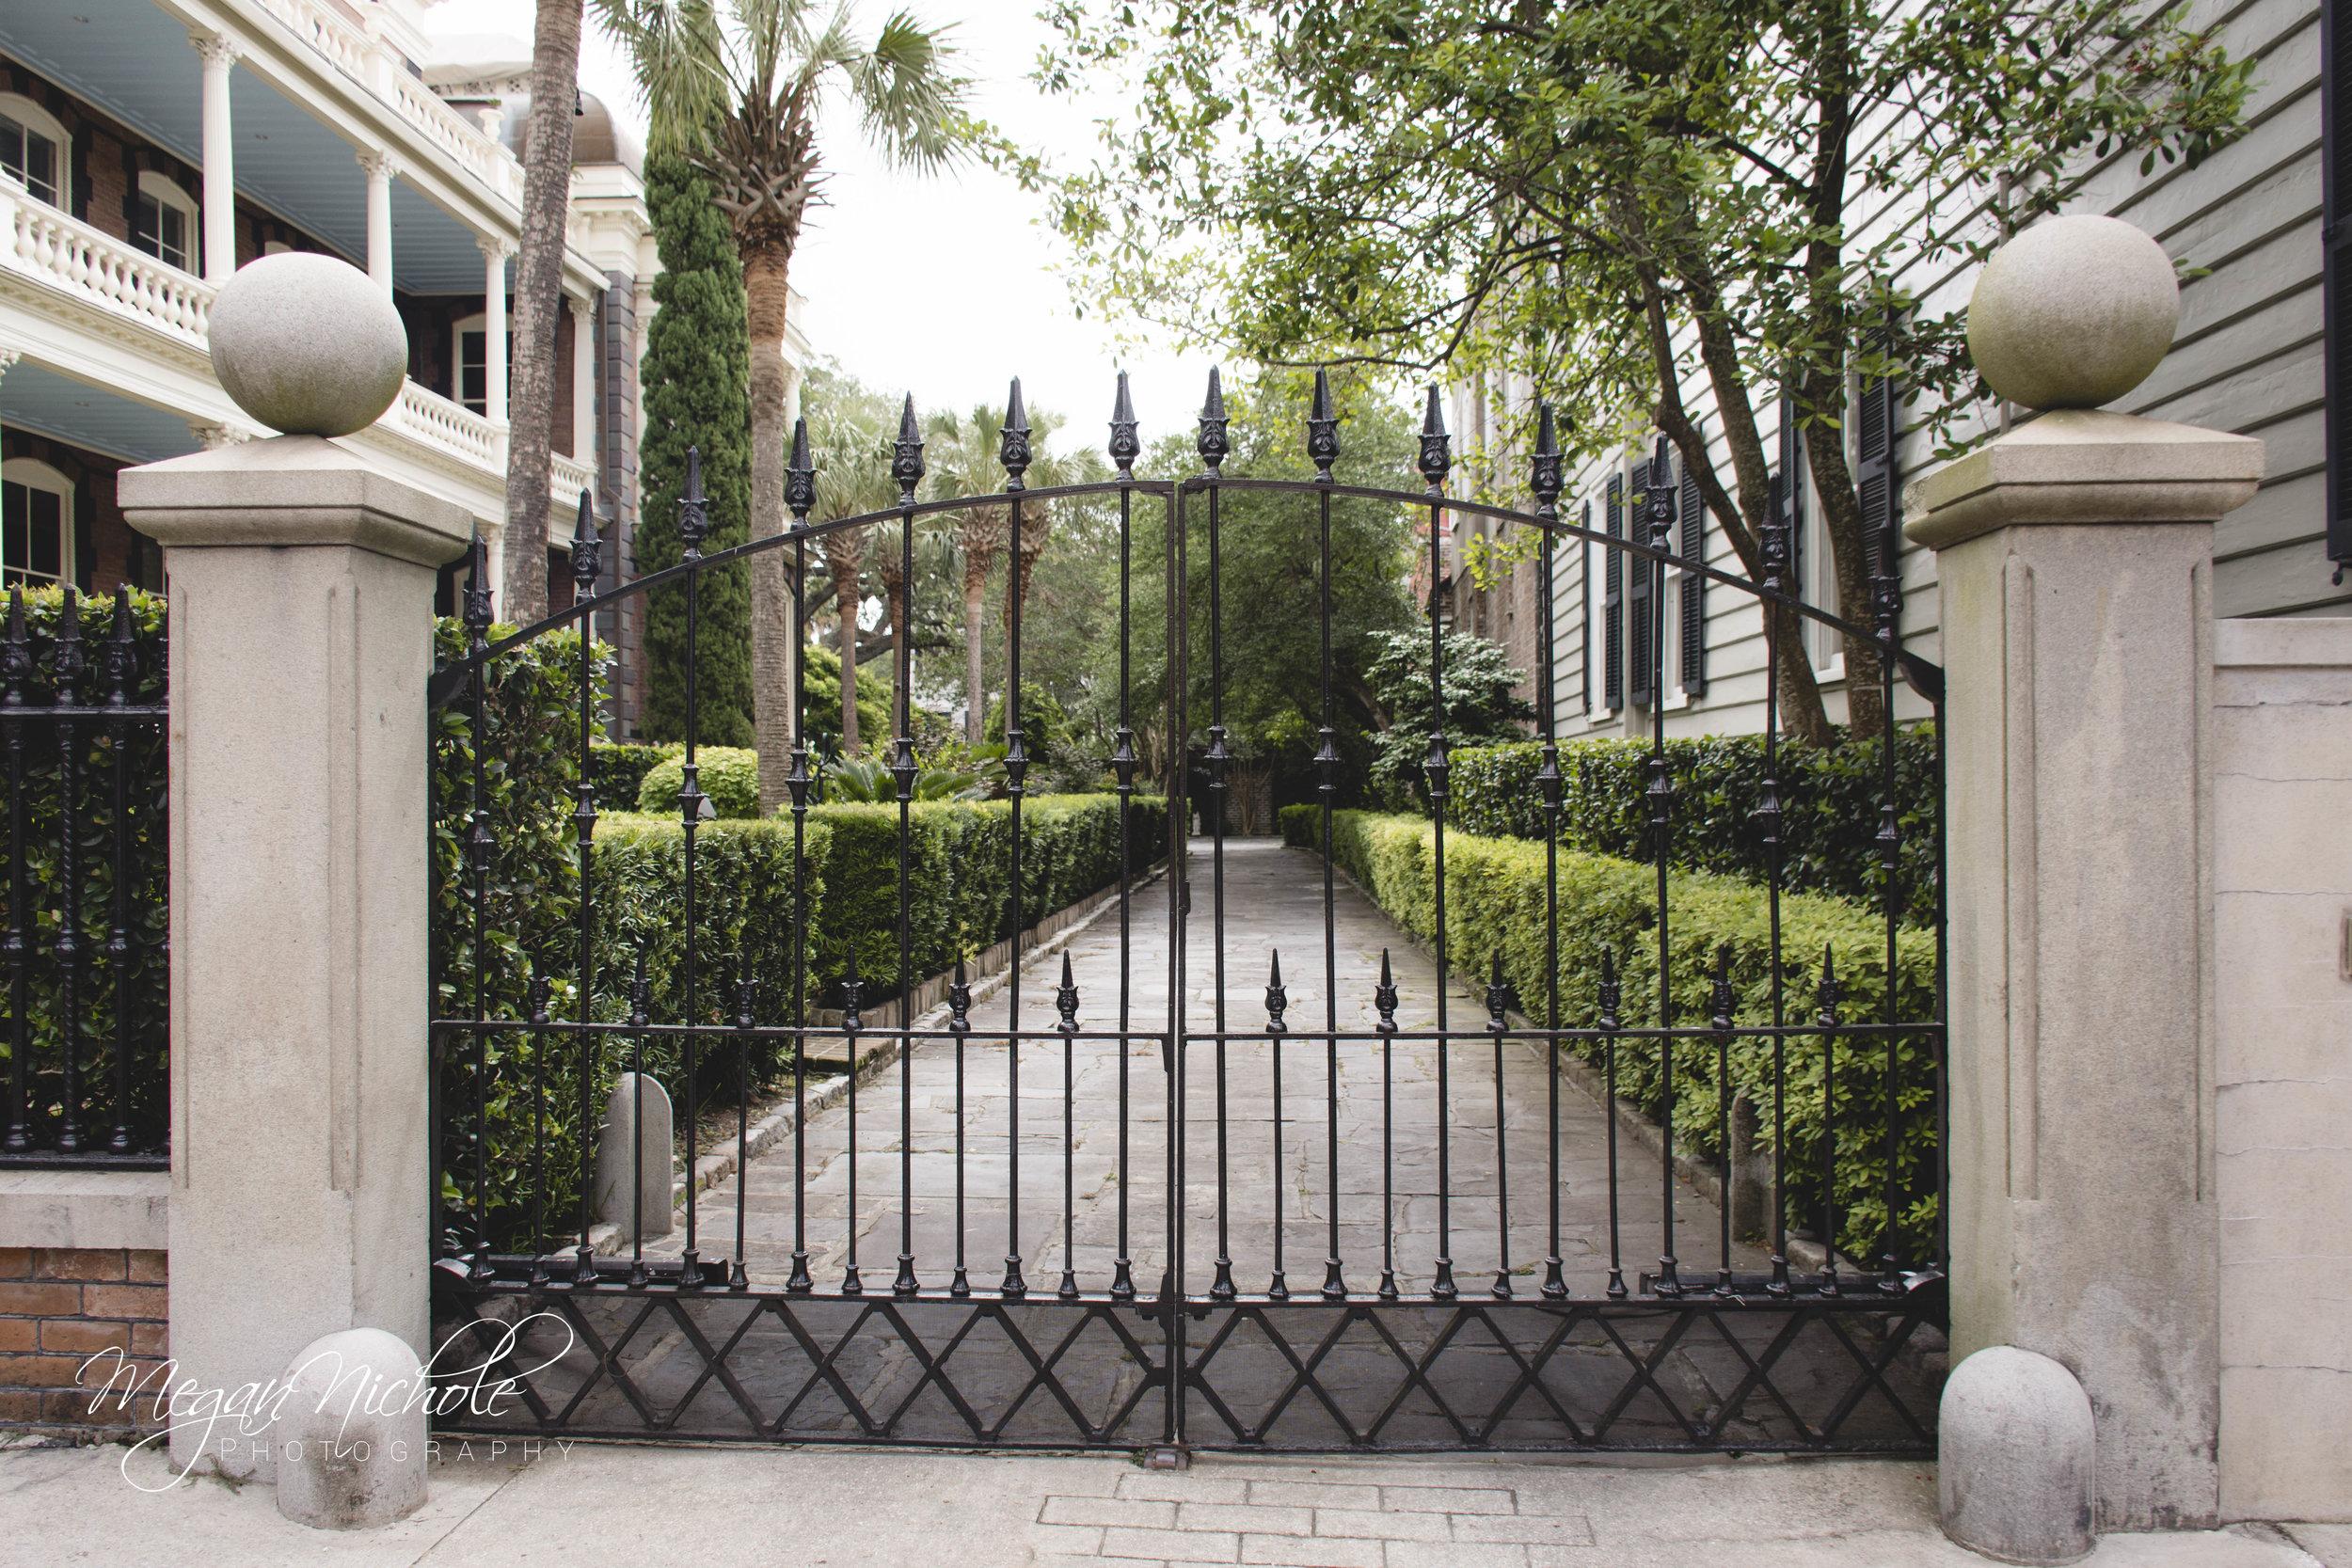 Charleston, South Carolina gate